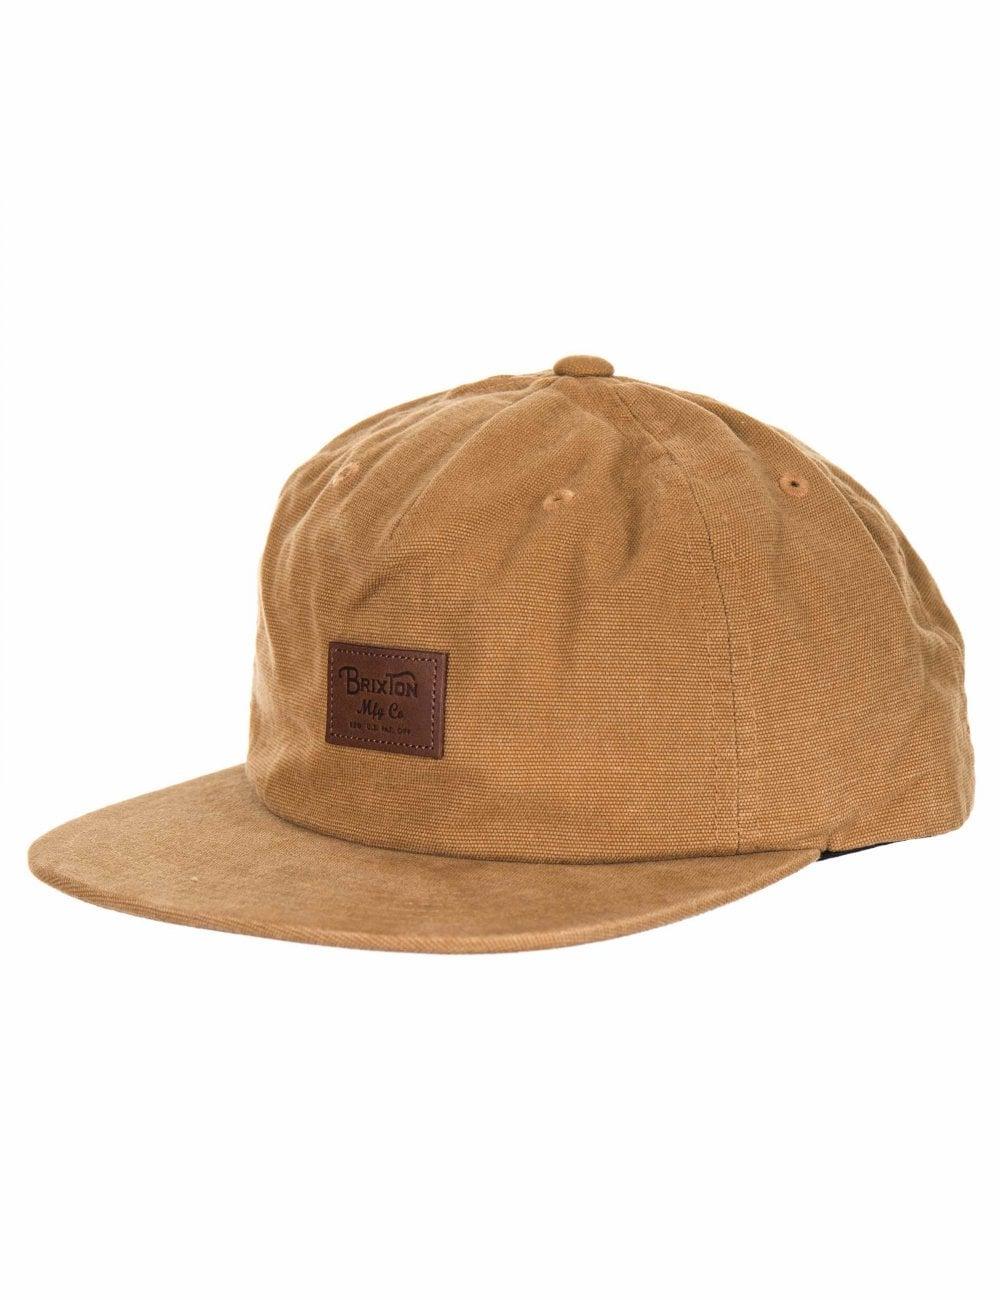 ec3eeed4ea2 Brixton Grade II UC Trucker Hat - Dark Copper - Accessories from Fat ...